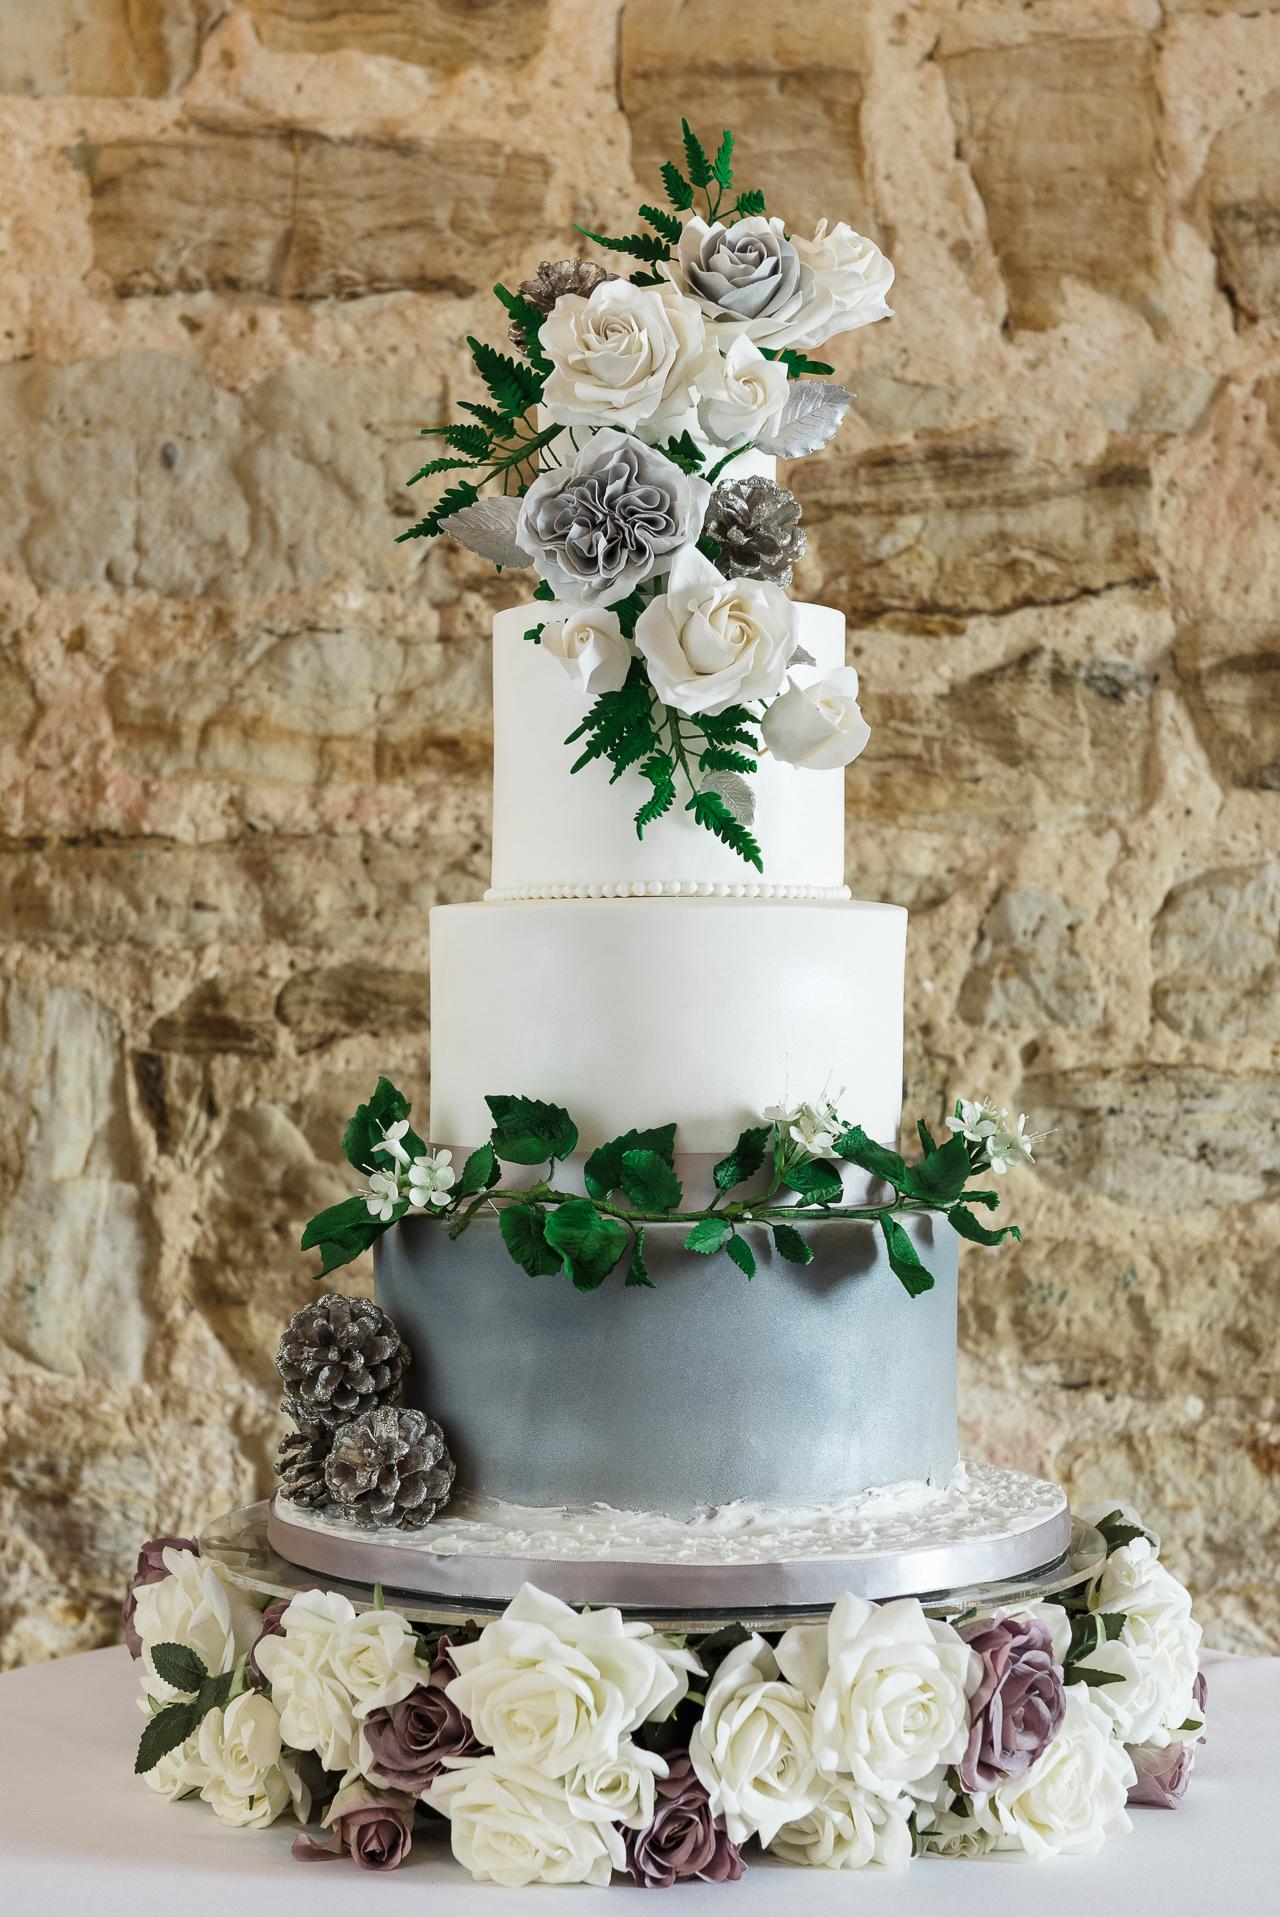 Baking Beautiful Wedding Cake Photo Shoot | Oakhouse Photography